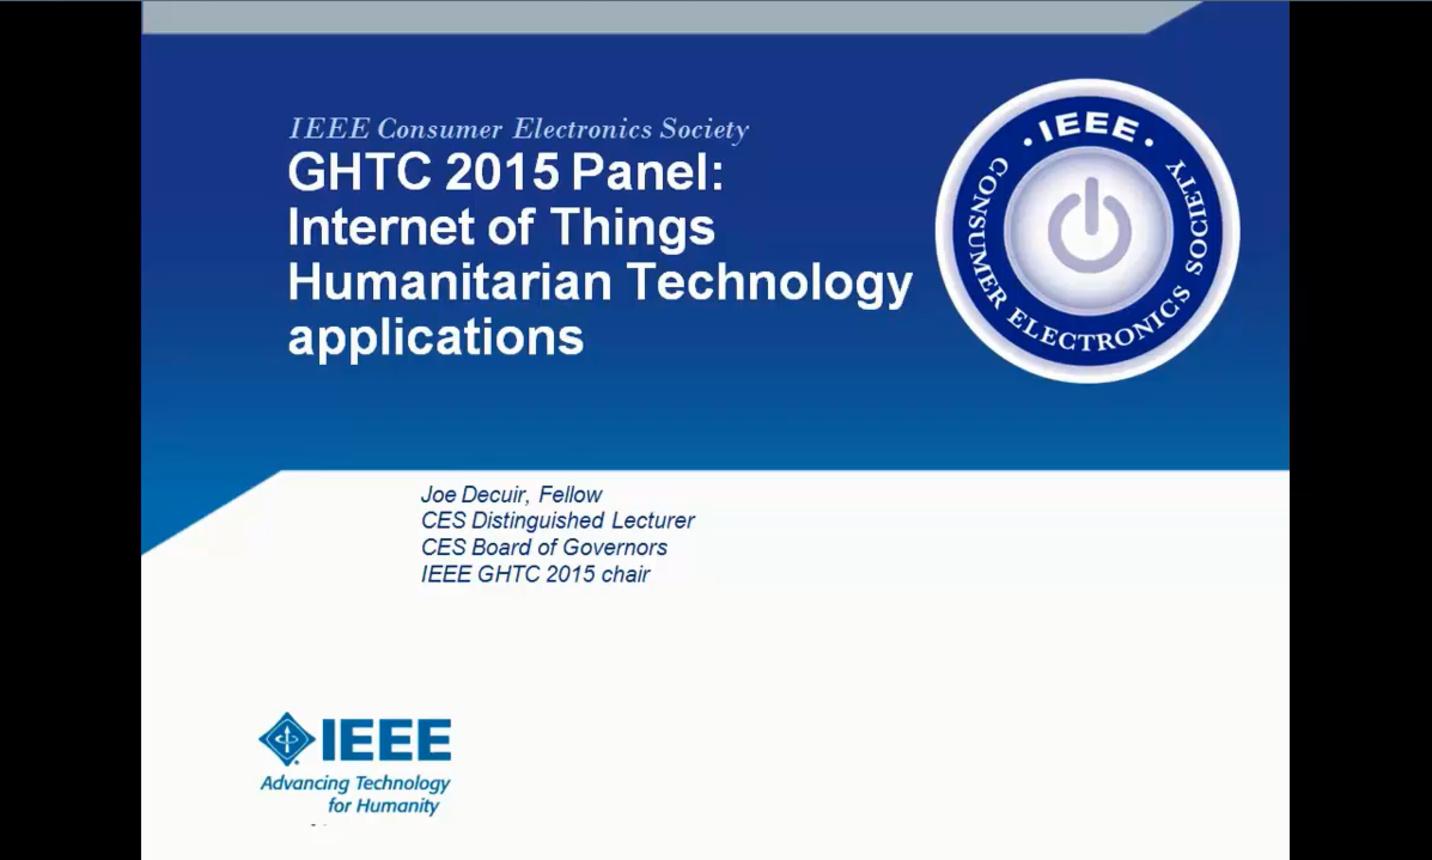 GHTC 2015 - IoT Panel